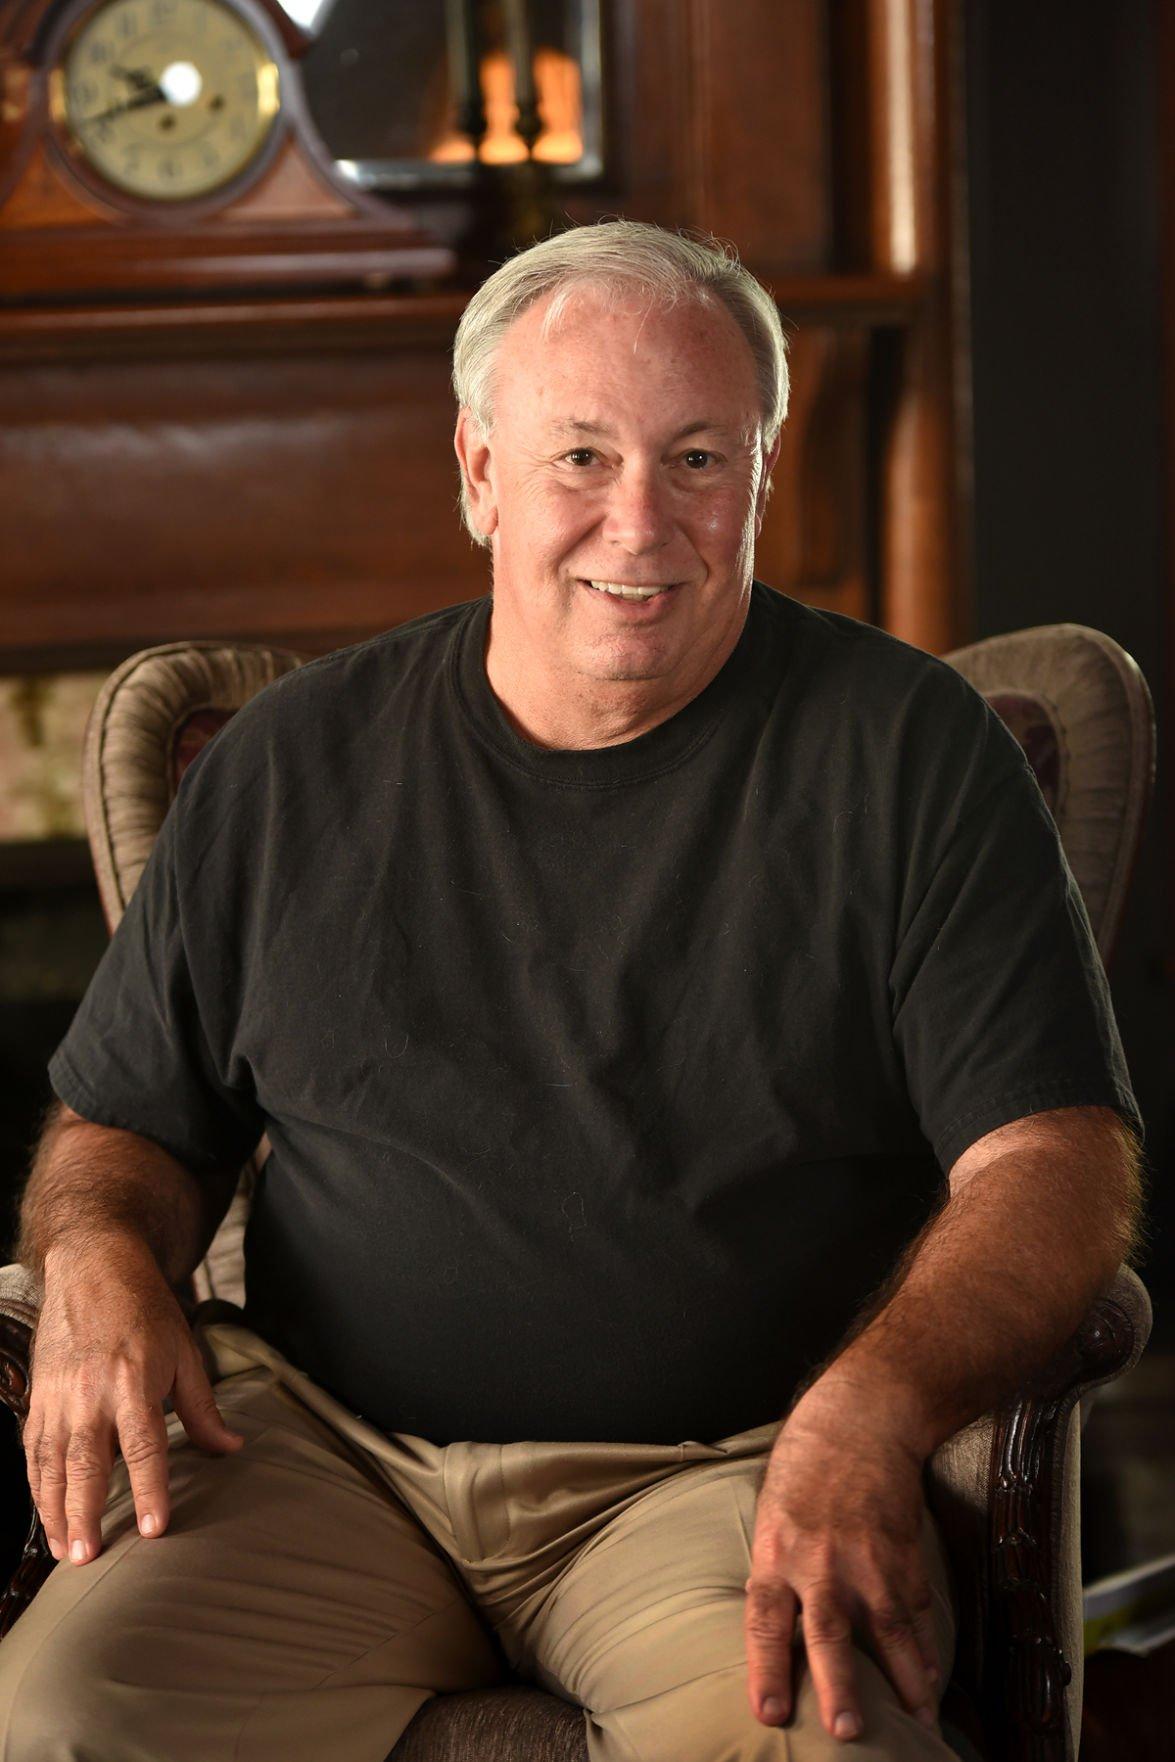 Dennis Patillo